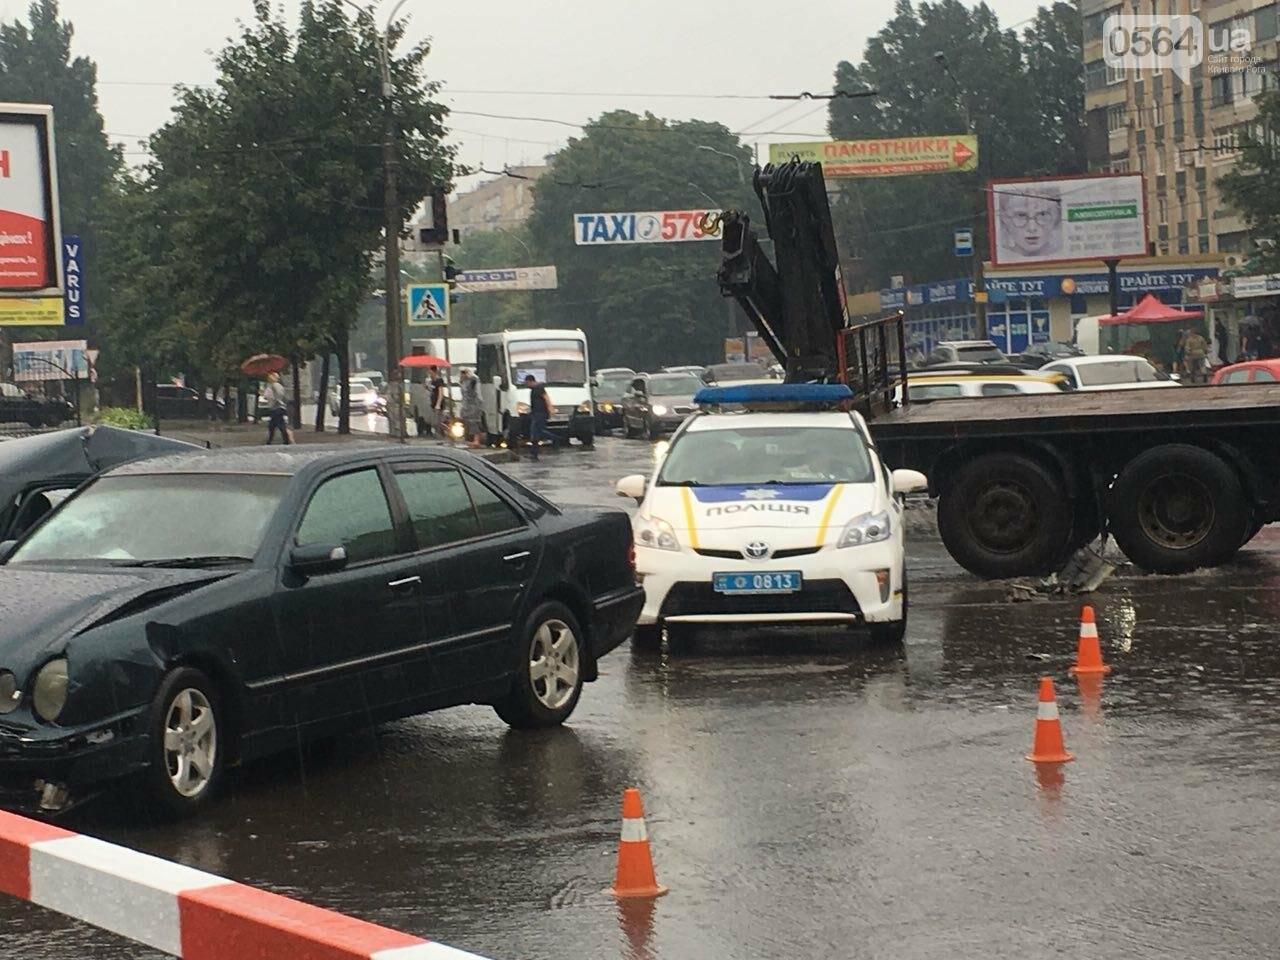 В Кривом Роге под дождем на перекрестке столкнулись иномарка и ВАЗ, - ФОТО, фото-12